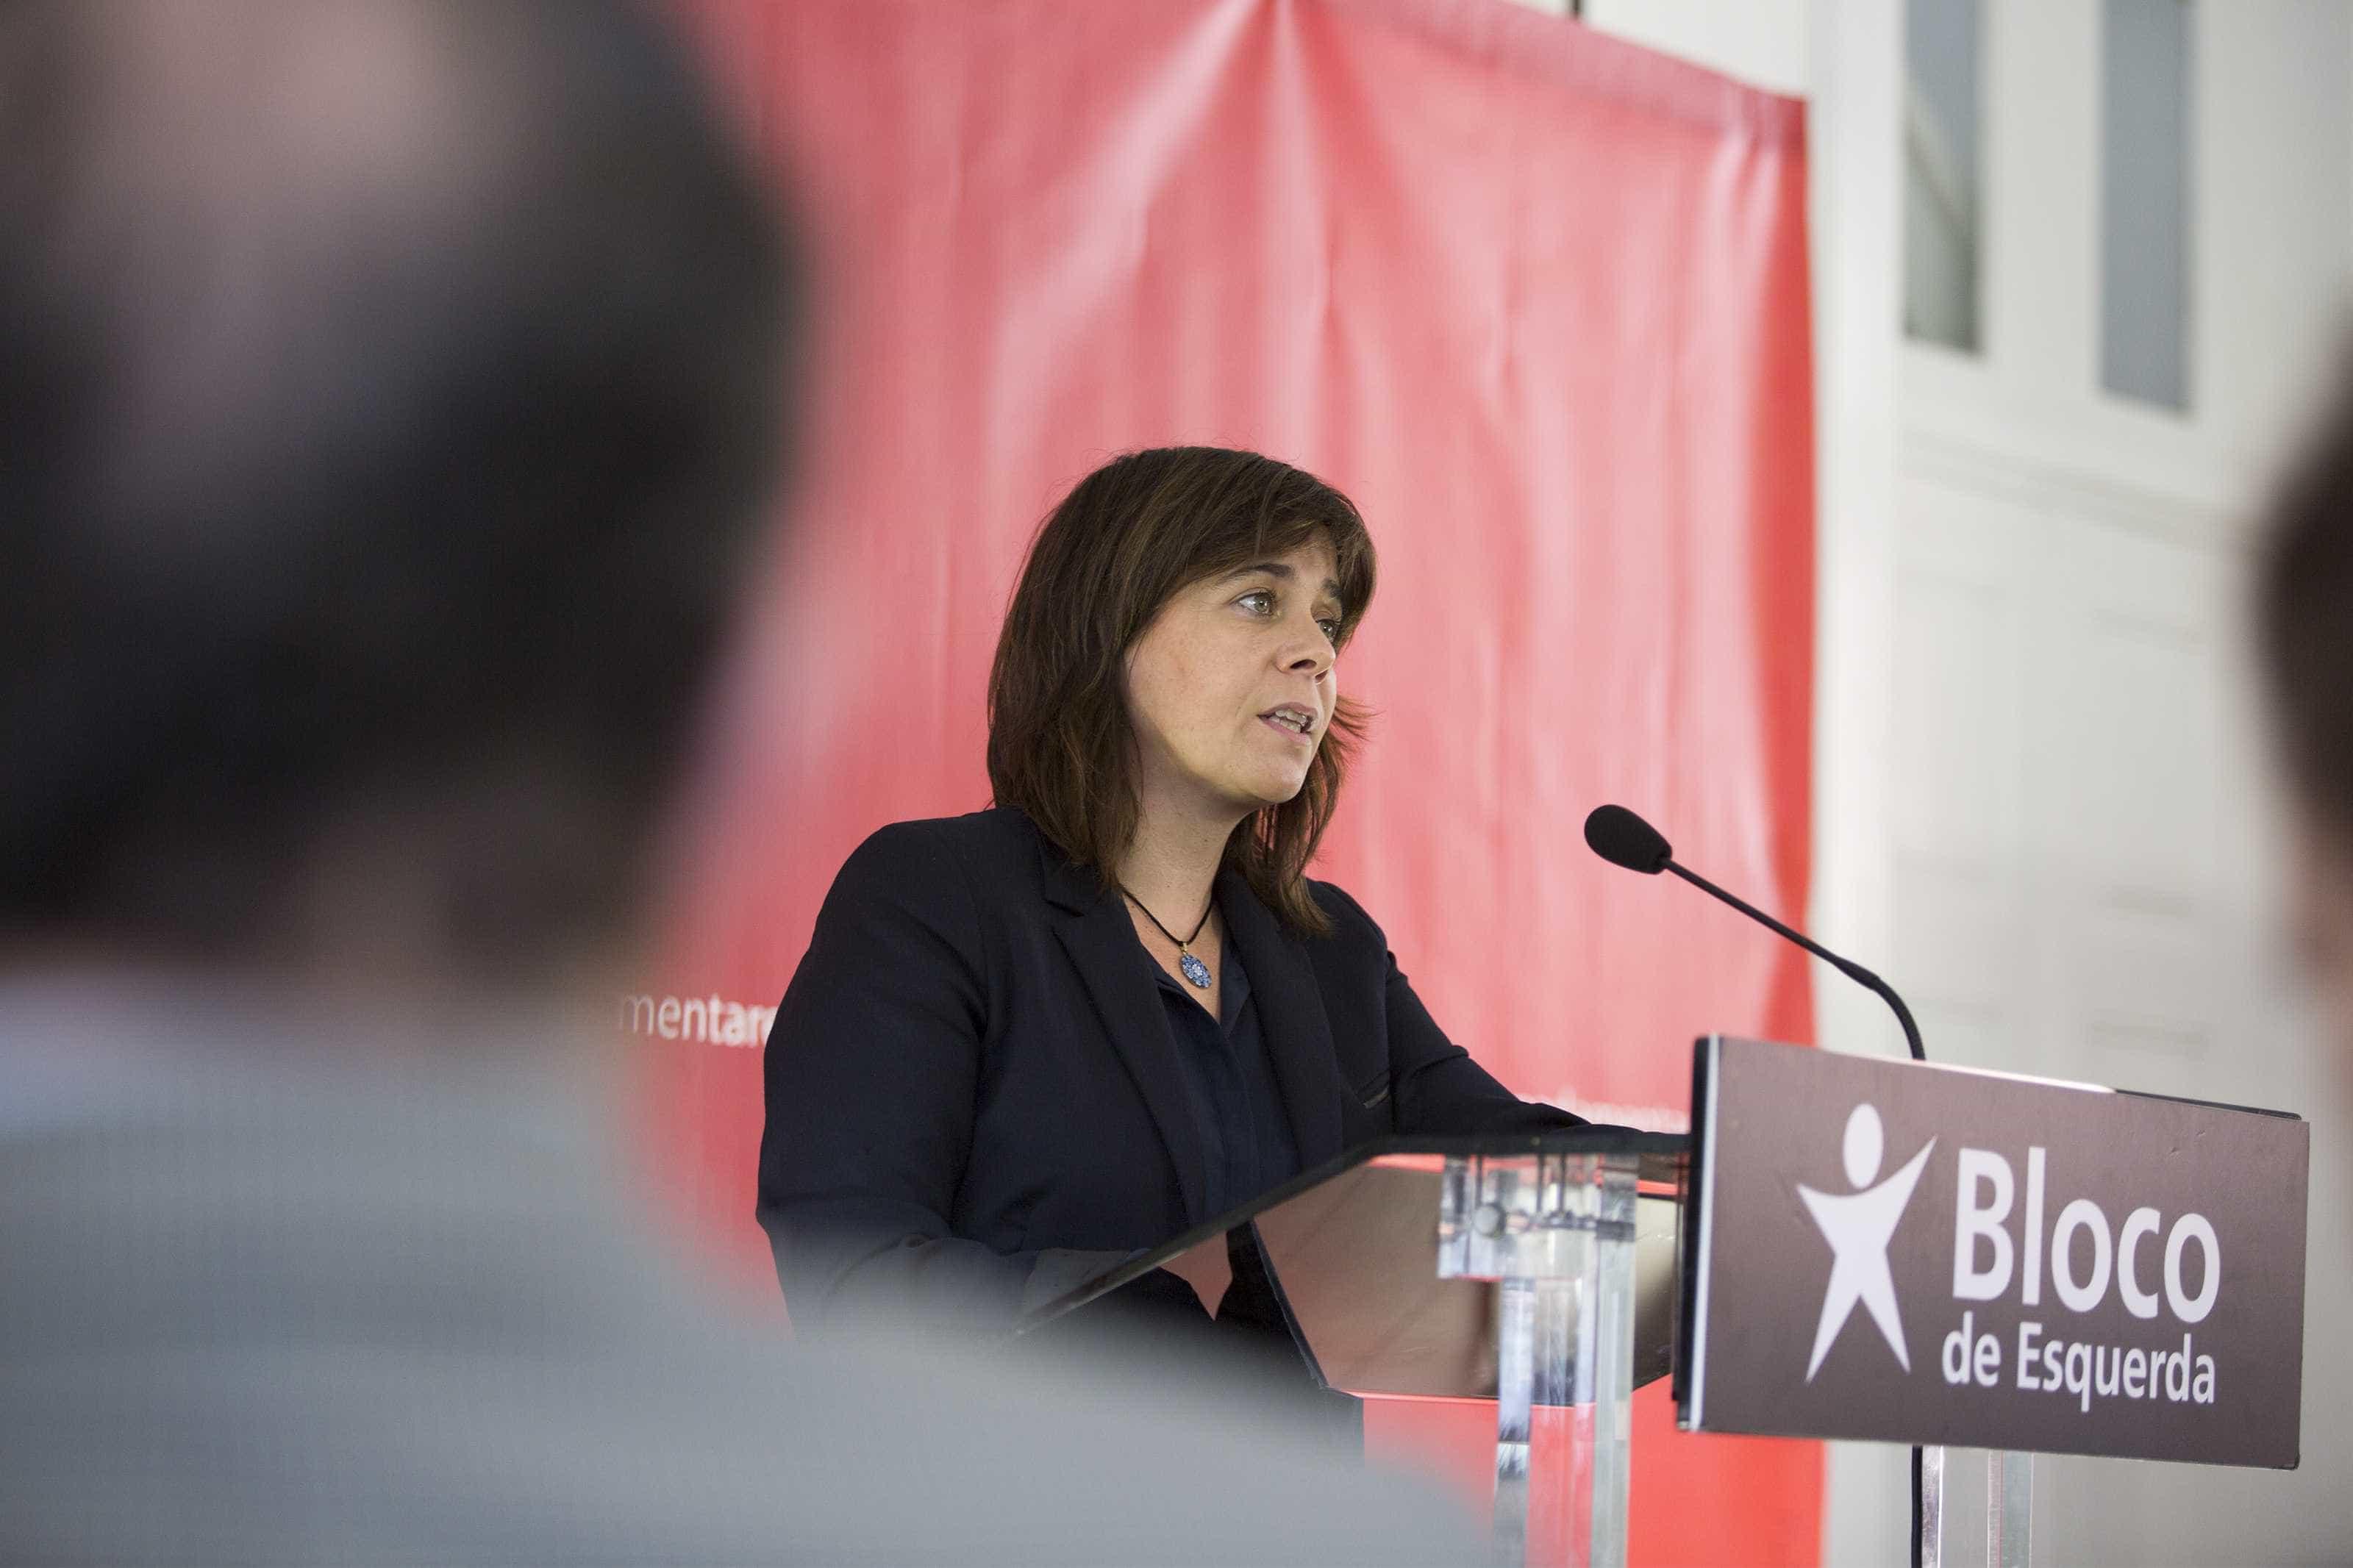 """Catarina Martins diz que Comissão Europeia """"tem falhado muitas vezes"""""""